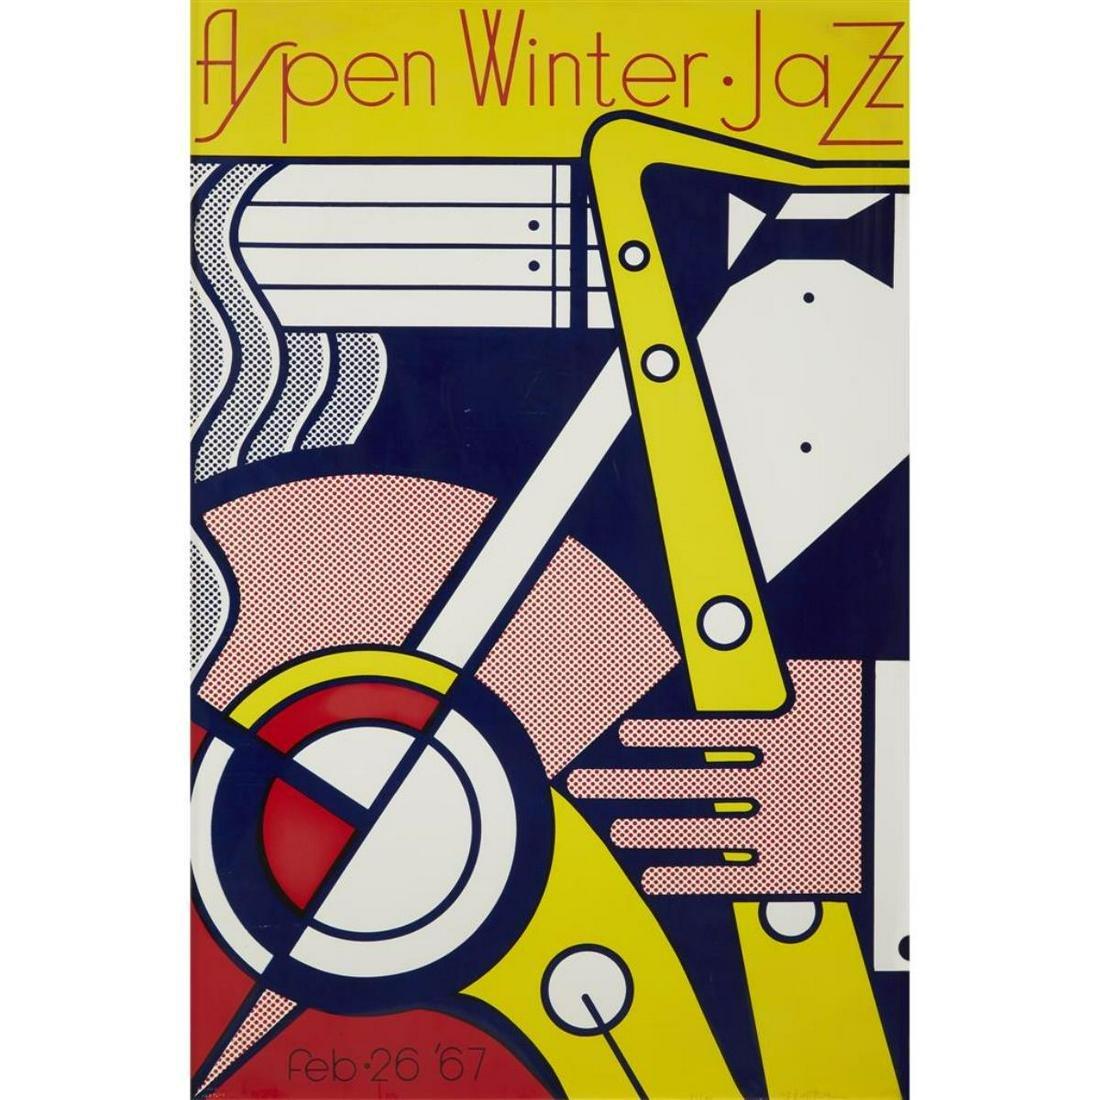 Roy Lichtenstein - Aspen Winter Jazz